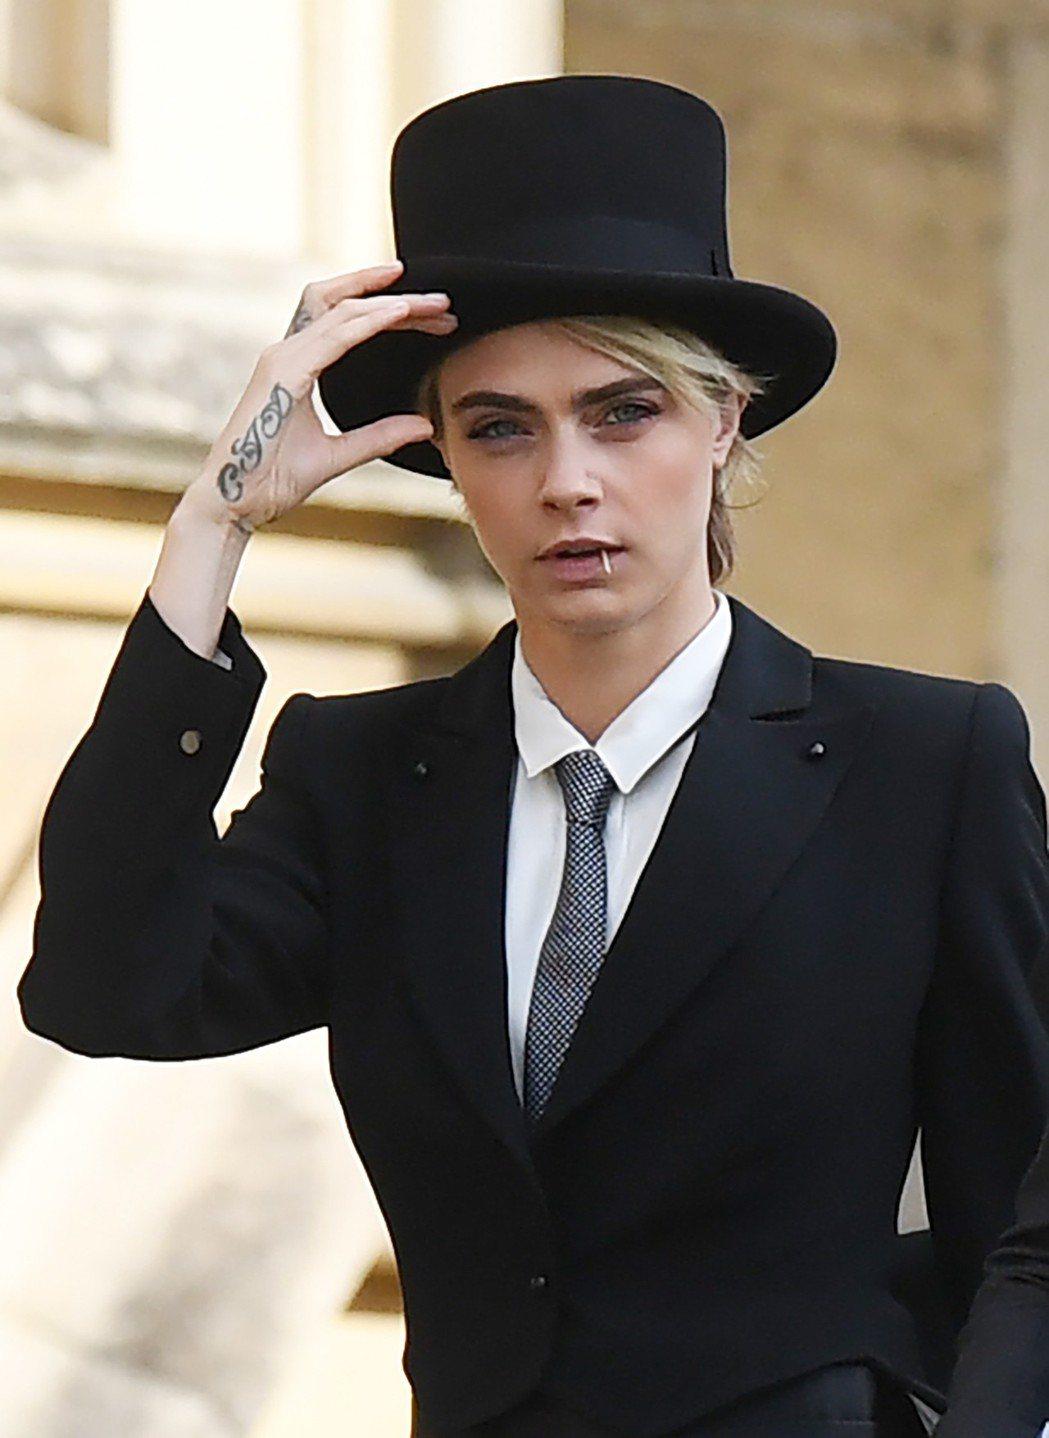 卡拉迪樂芬妮反其道改戴禮帽、扮作英國紳士,意外的帥氣。(歐新社)